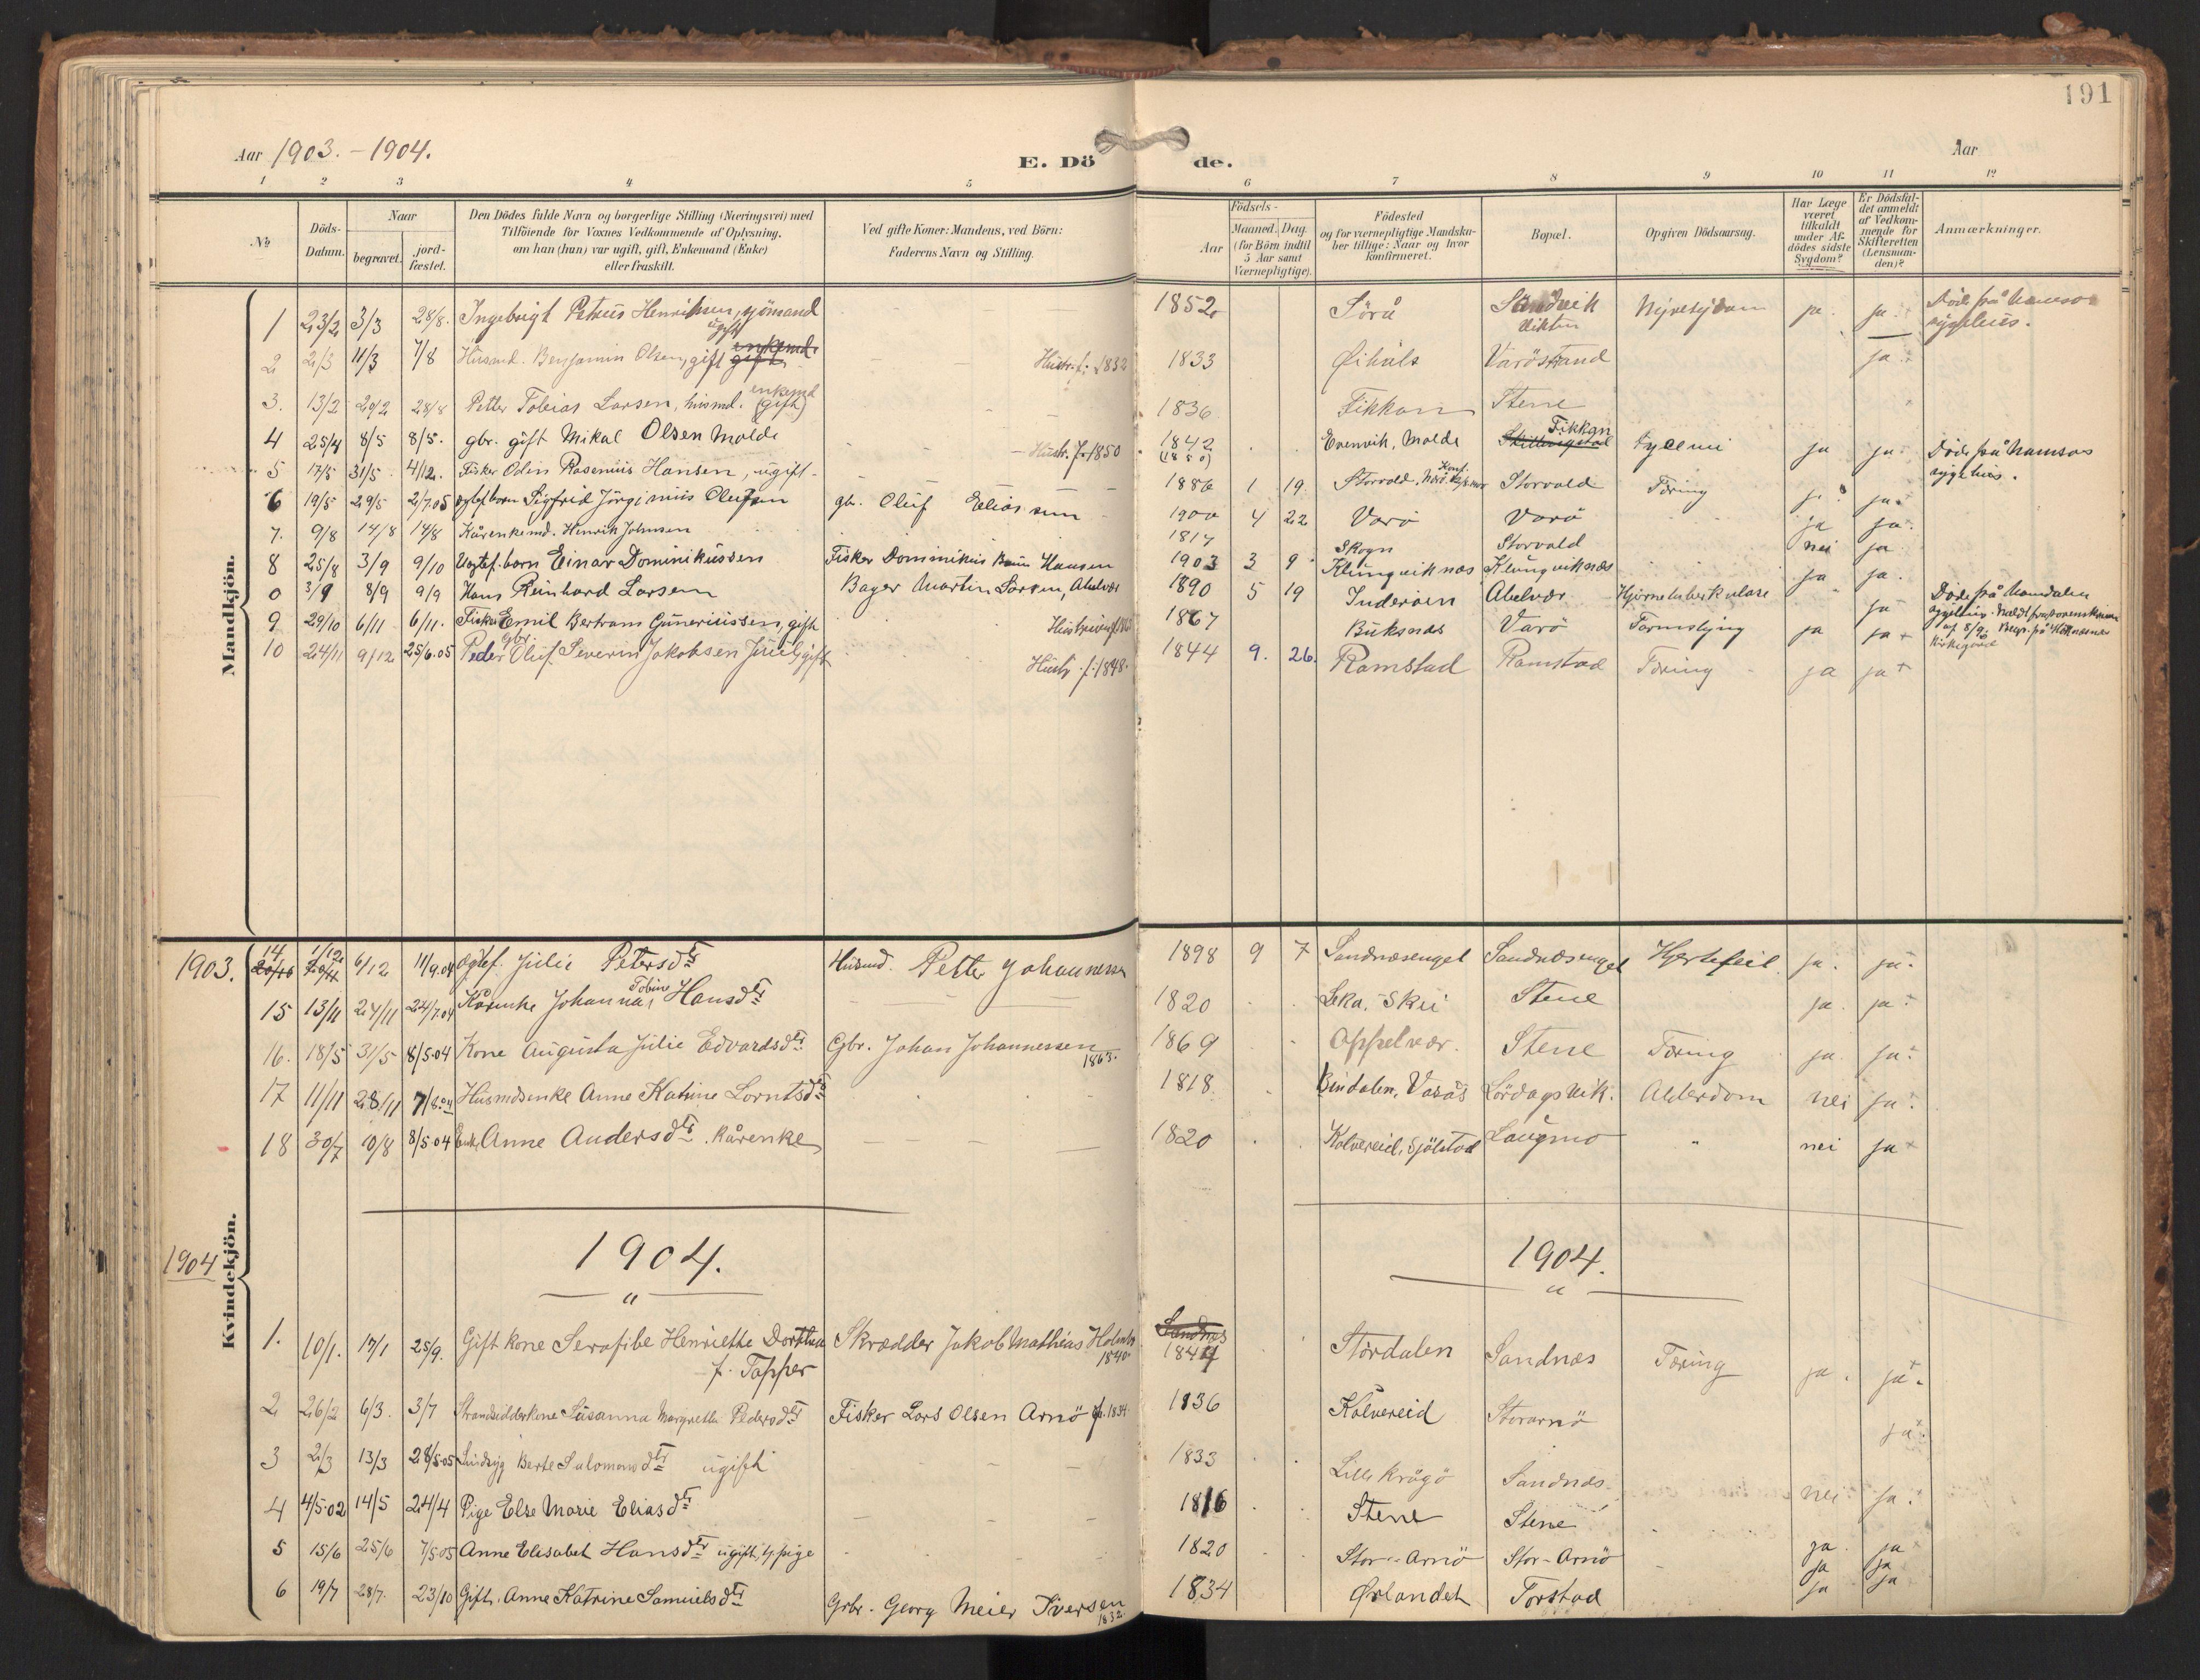 SAT, Ministerialprotokoller, klokkerbøker og fødselsregistre - Nord-Trøndelag, 784/L0677: Ministerialbok nr. 784A12, 1900-1920, s. 191